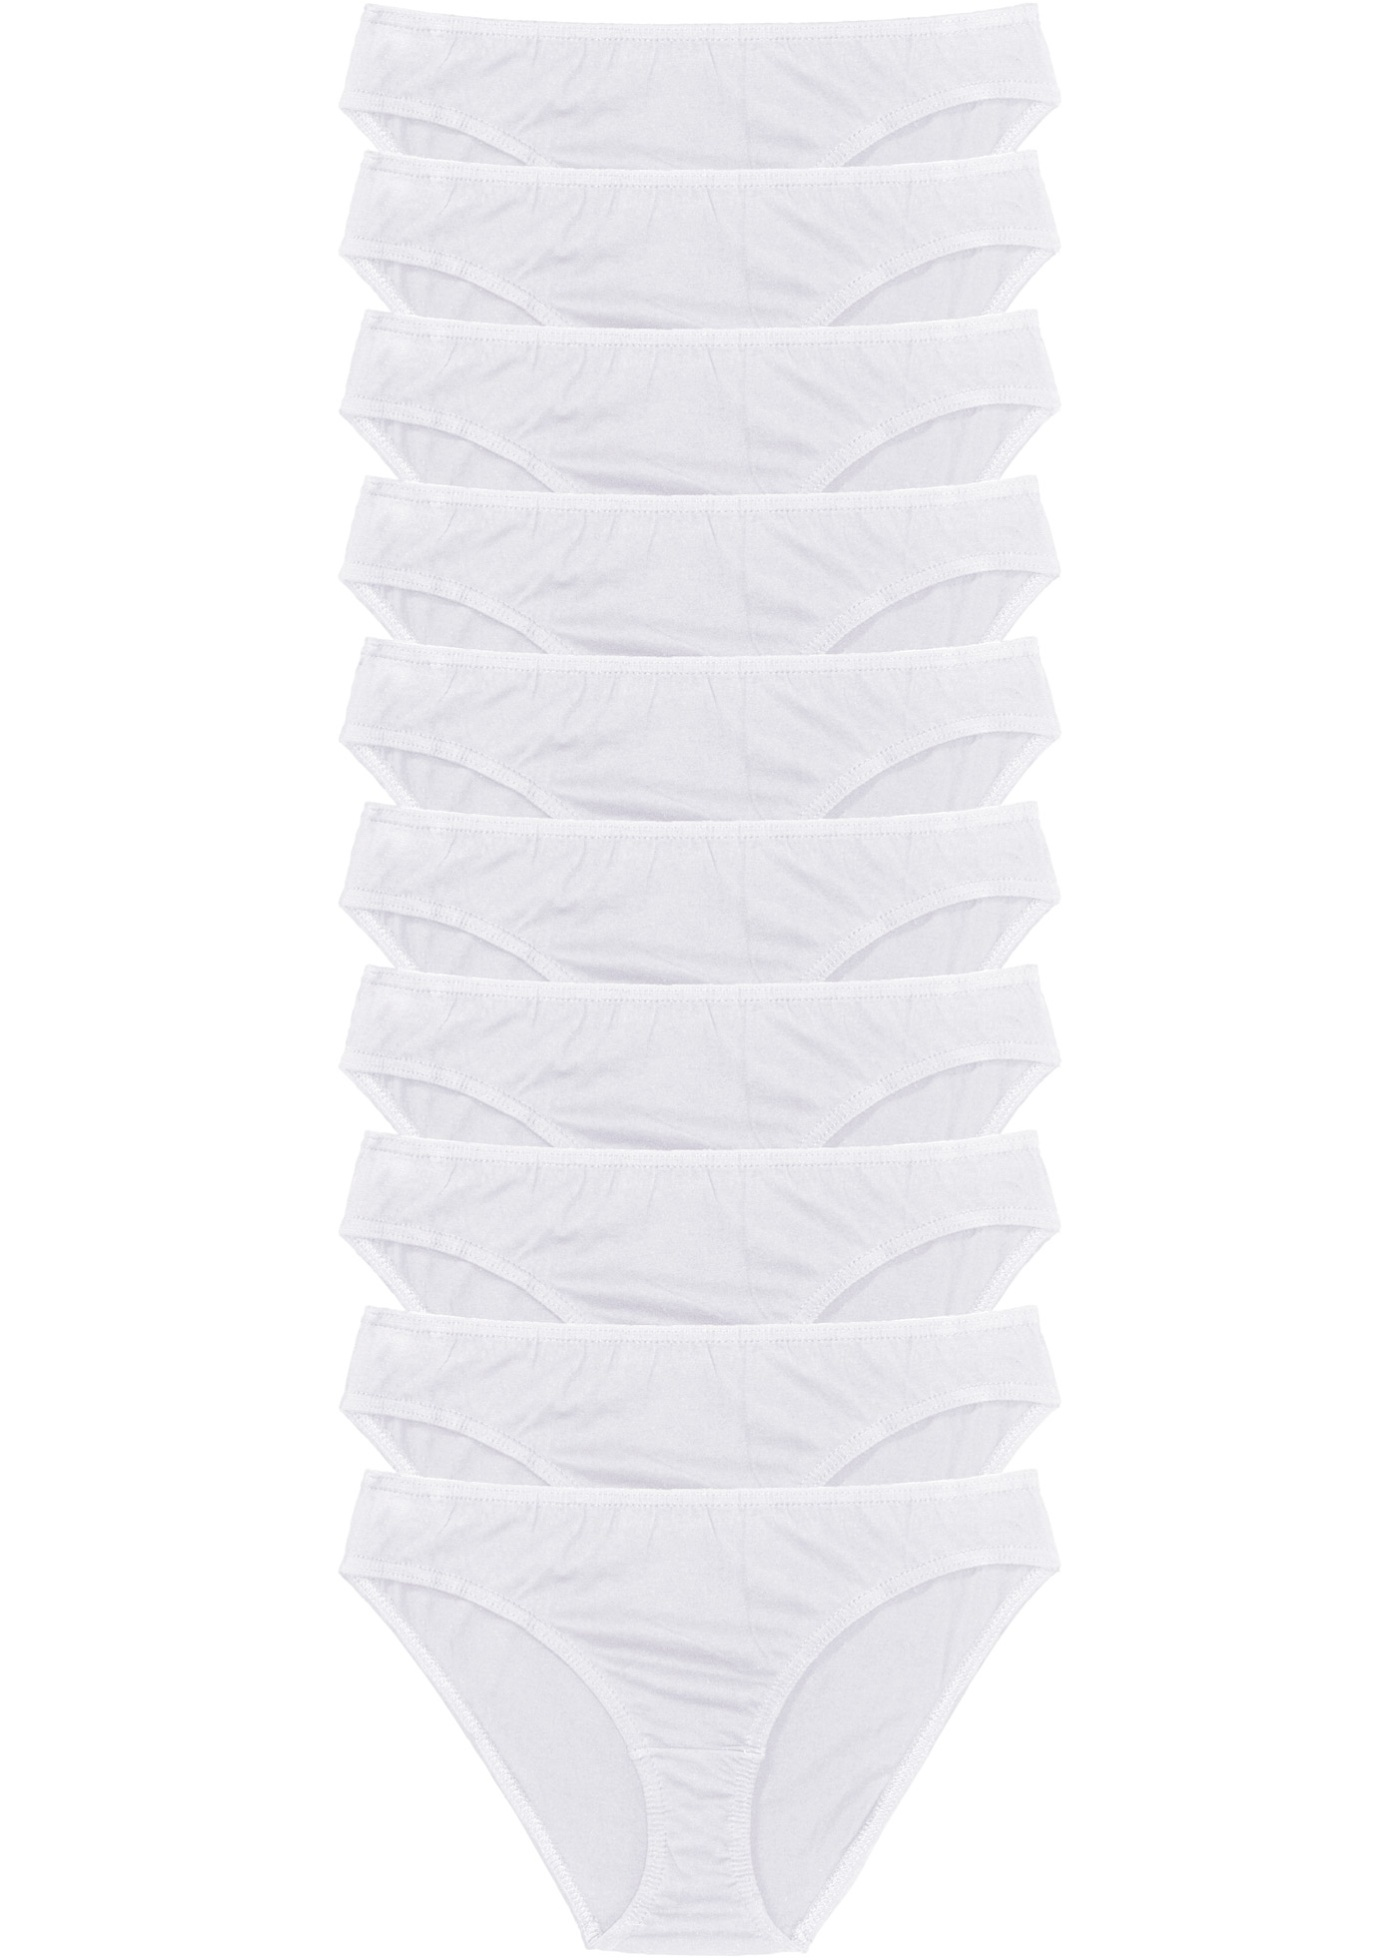 10 De Slips Pour Femme Bonprix Blanc Bpc CollectionLot trsChQd